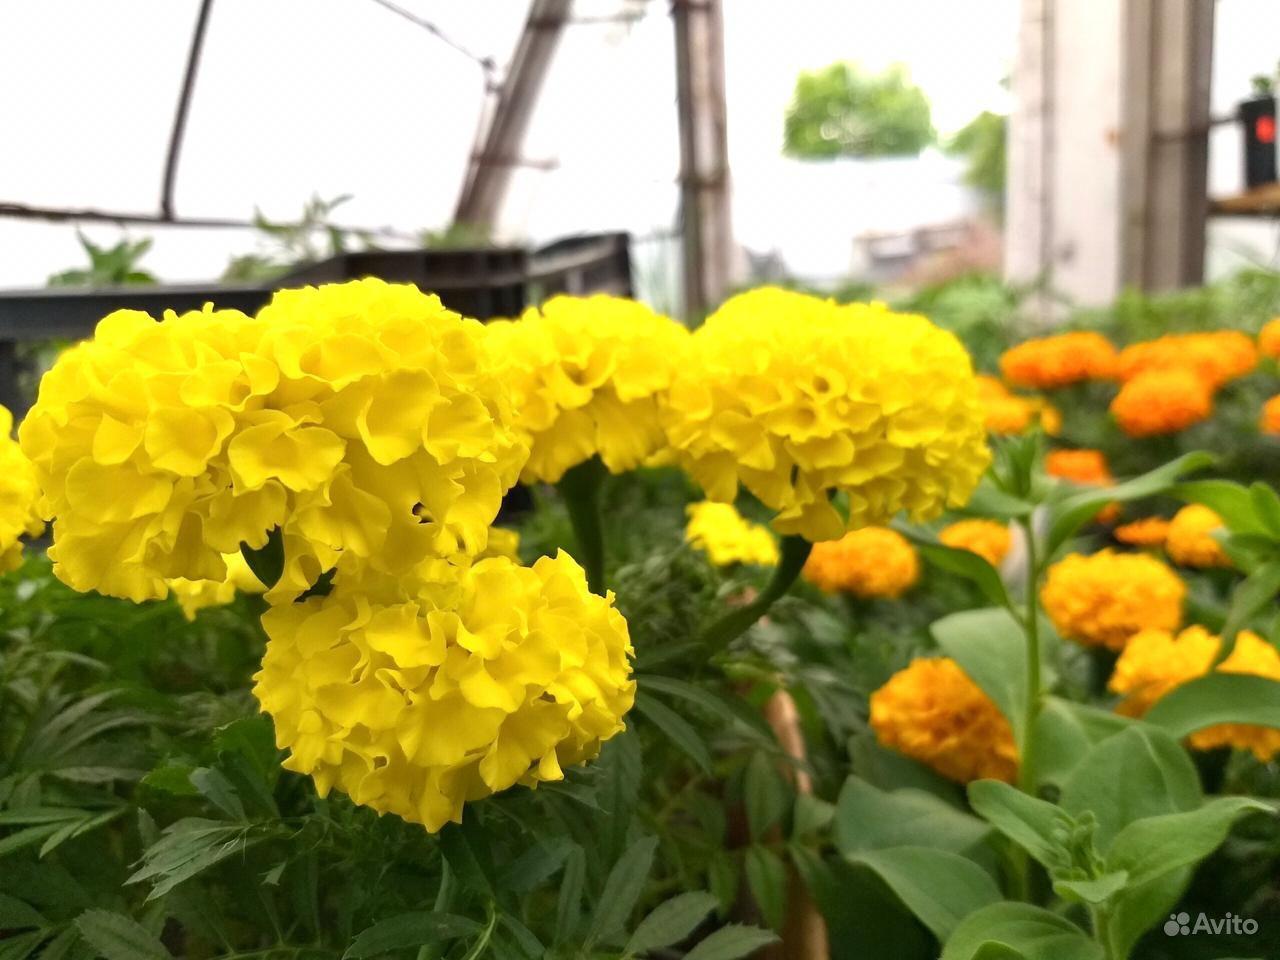 Рассада цветов вегетативная в горшках 0.8 л купить на Зозу.ру - фотография № 3